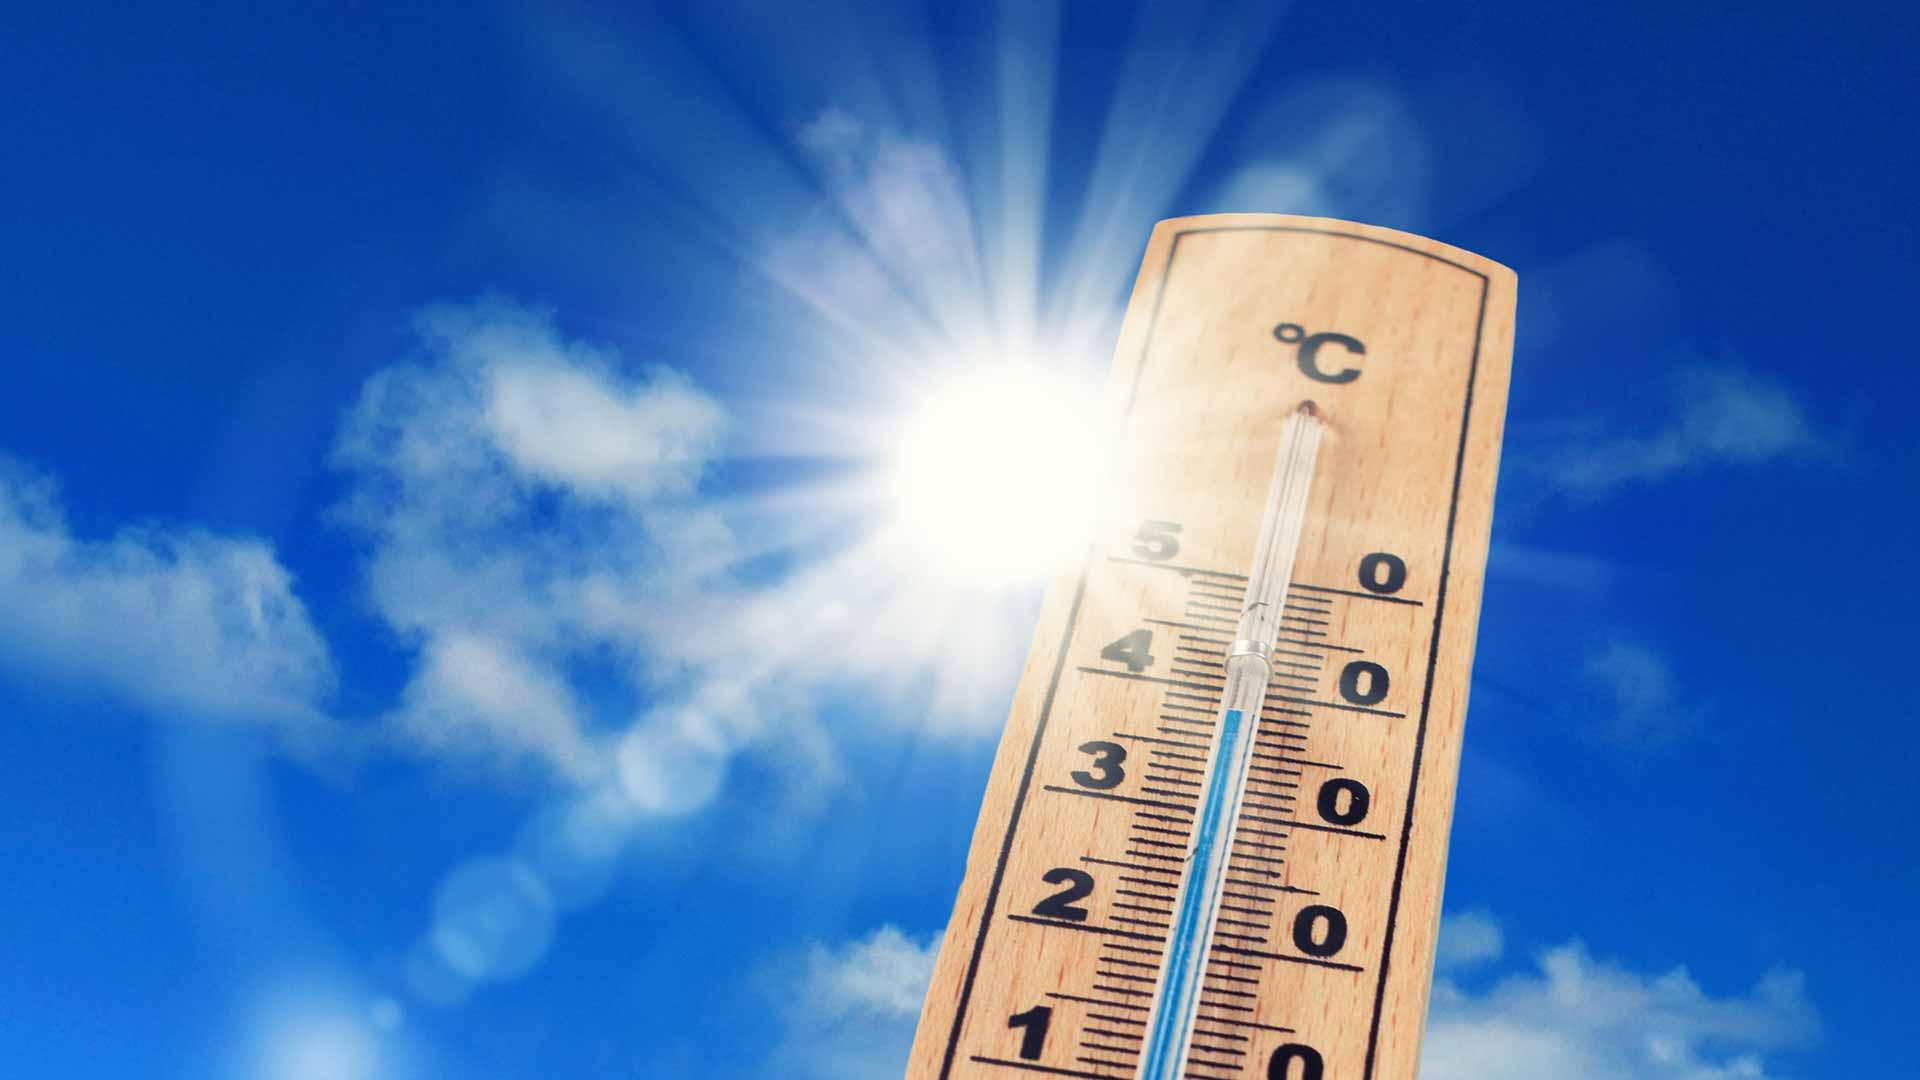 Temperature gauge showing high temperature